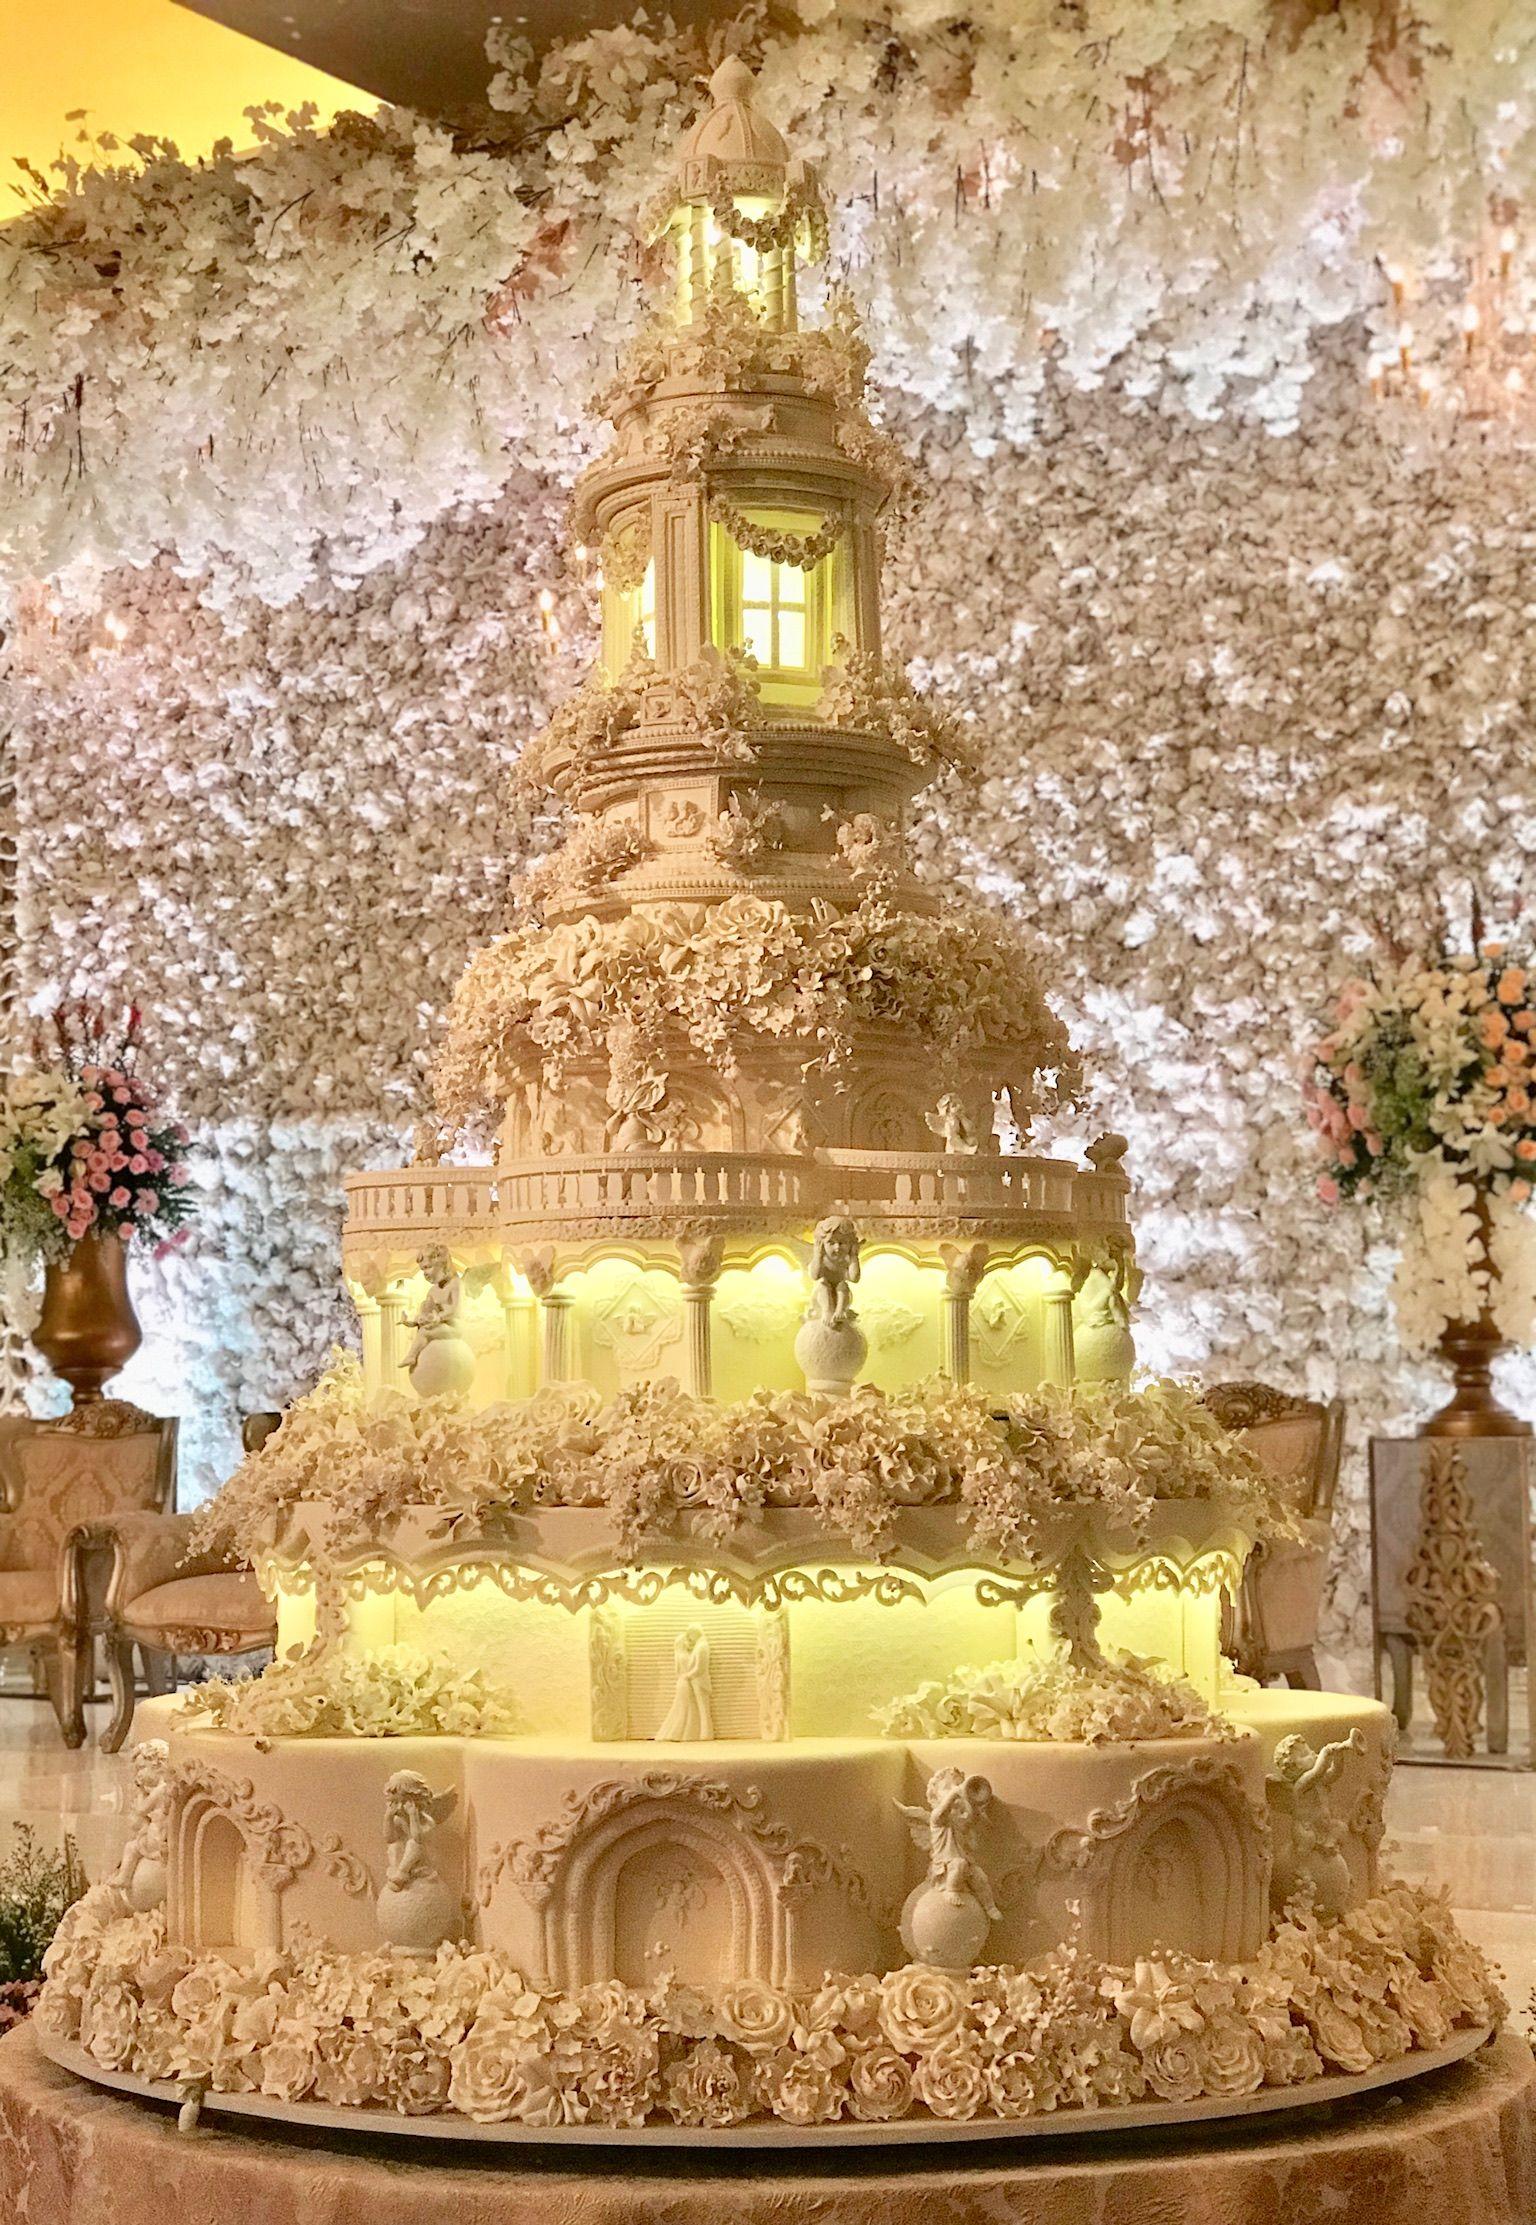 8 Tiers - Le Novelle Cake | Jakarta & Bali Wedding Cake | Cakes ...